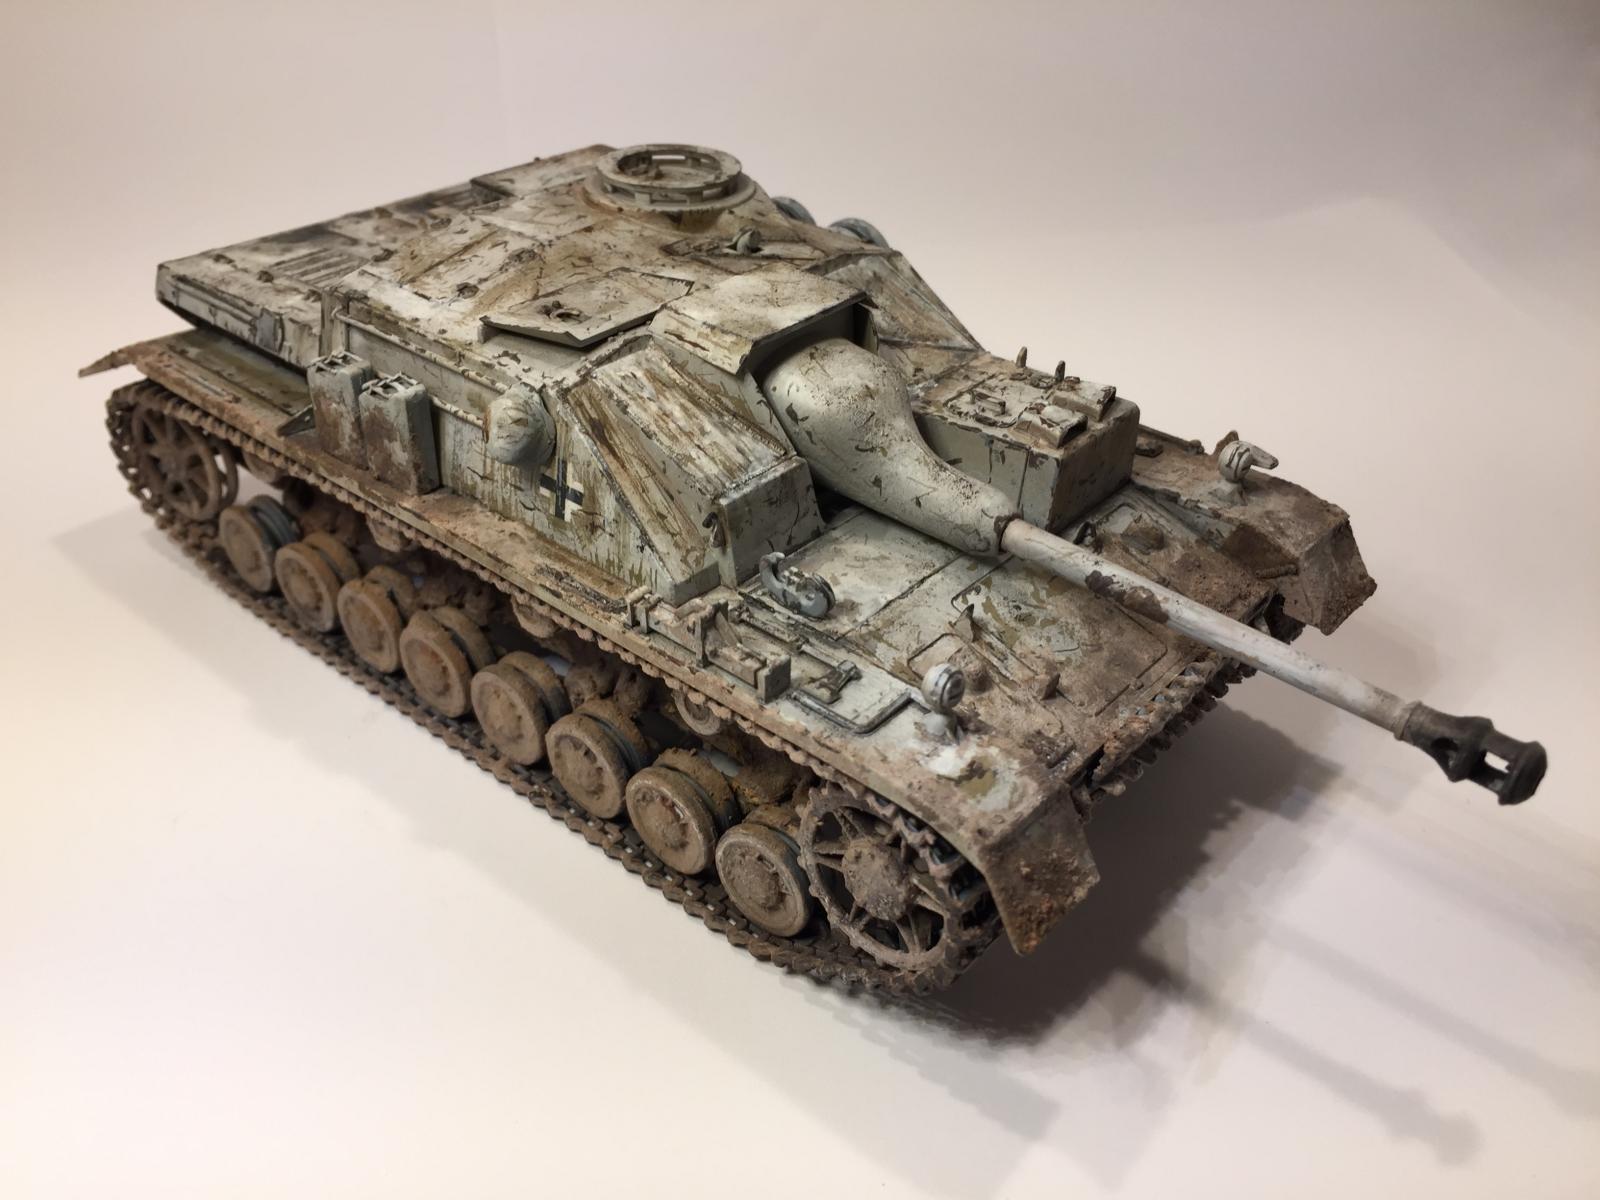 Revell 03255 1:35 Sd.Kfz 167 StuG IV